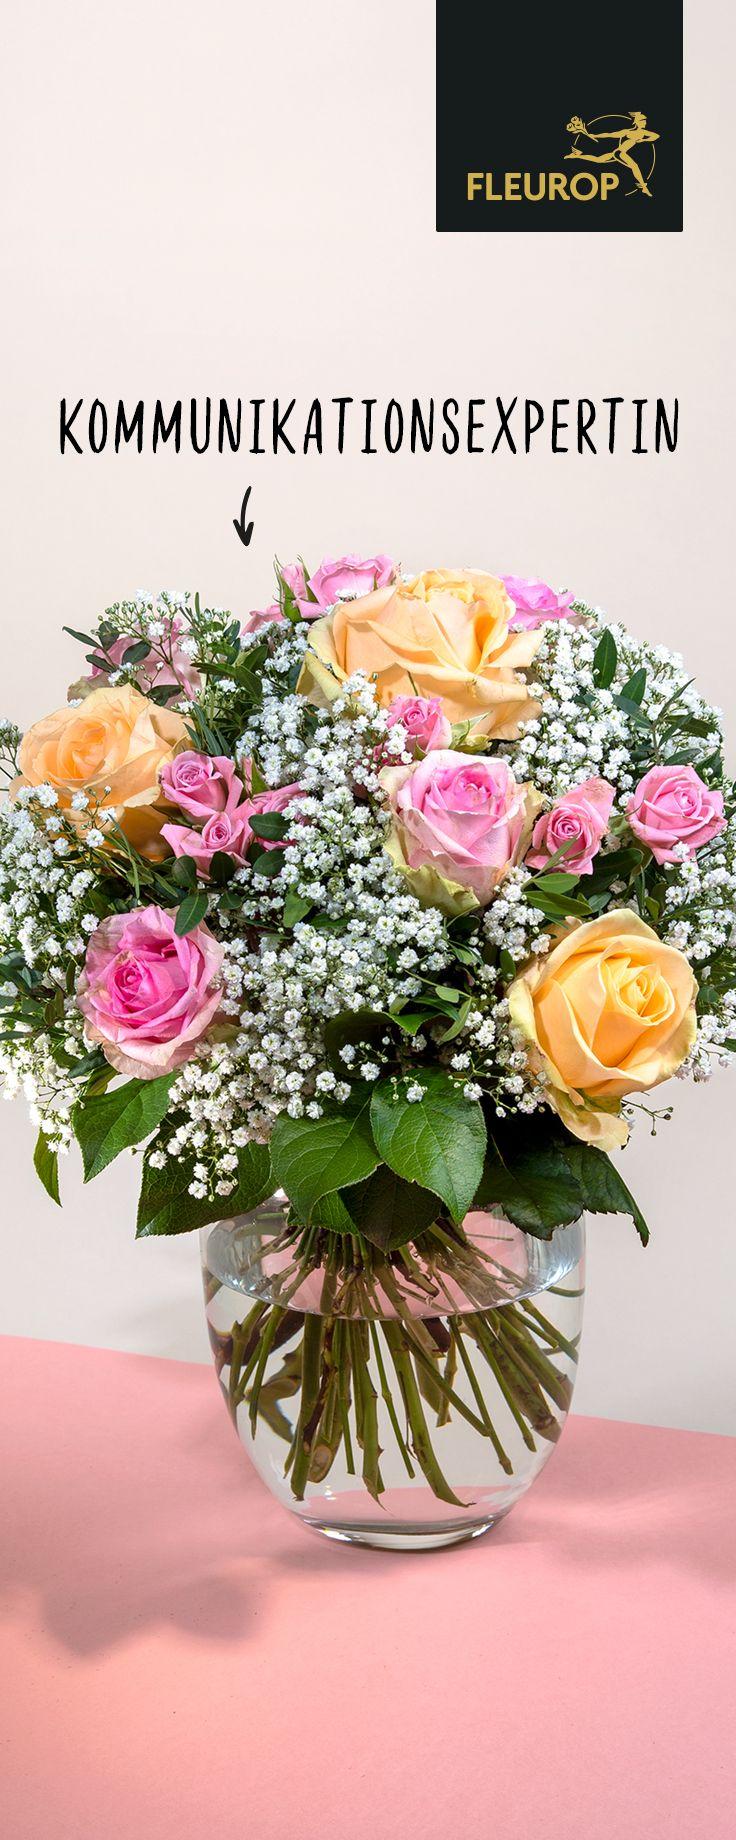 Blumen Zum Muttertag Strauss Kommunikationsexpertin Lidl Blumen Blumen Online Blumen